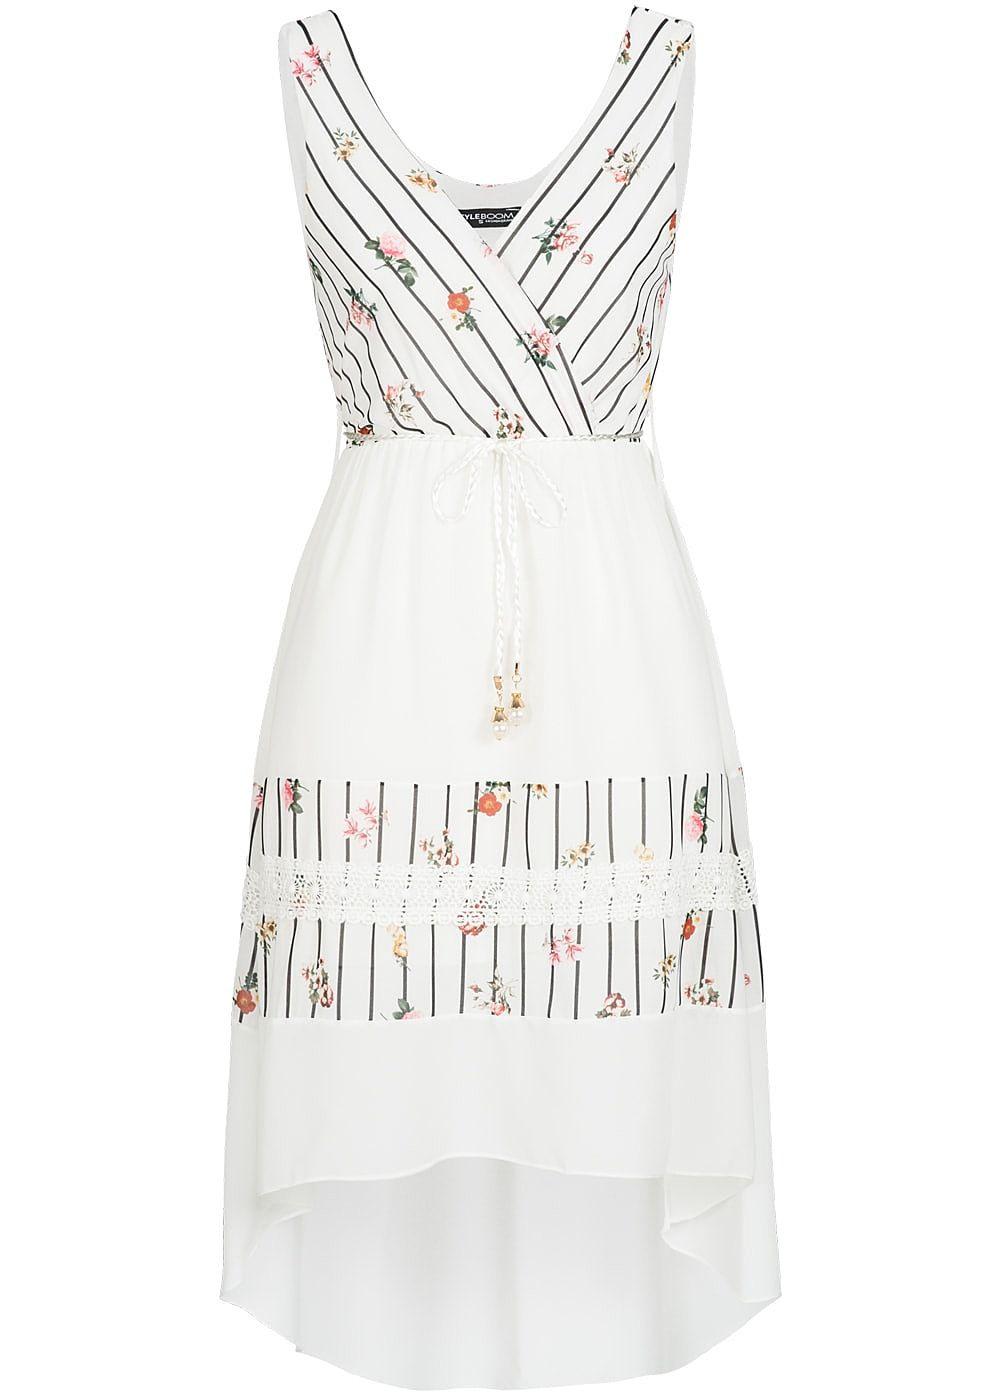 Formal Kreativ Kleid Weiß Blumen Bester Preis13 Luxus Kleid Weiß Blumen Bester Preis